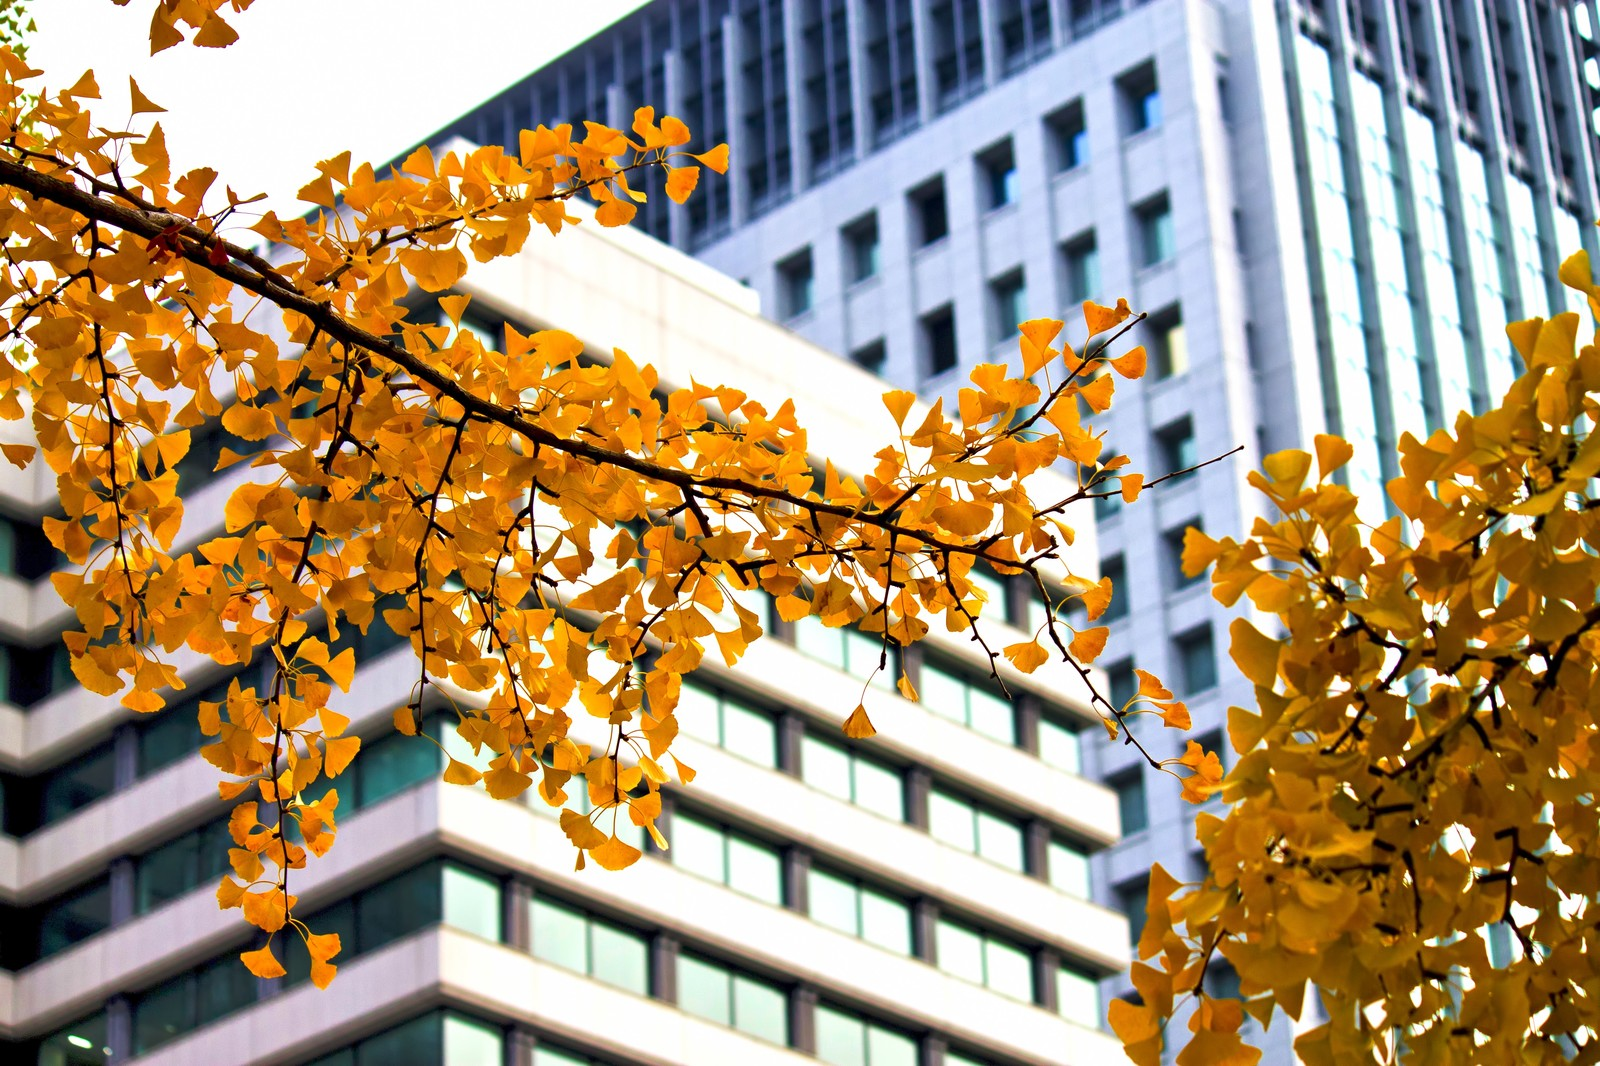 「黄葉する銀杏とビル」の写真